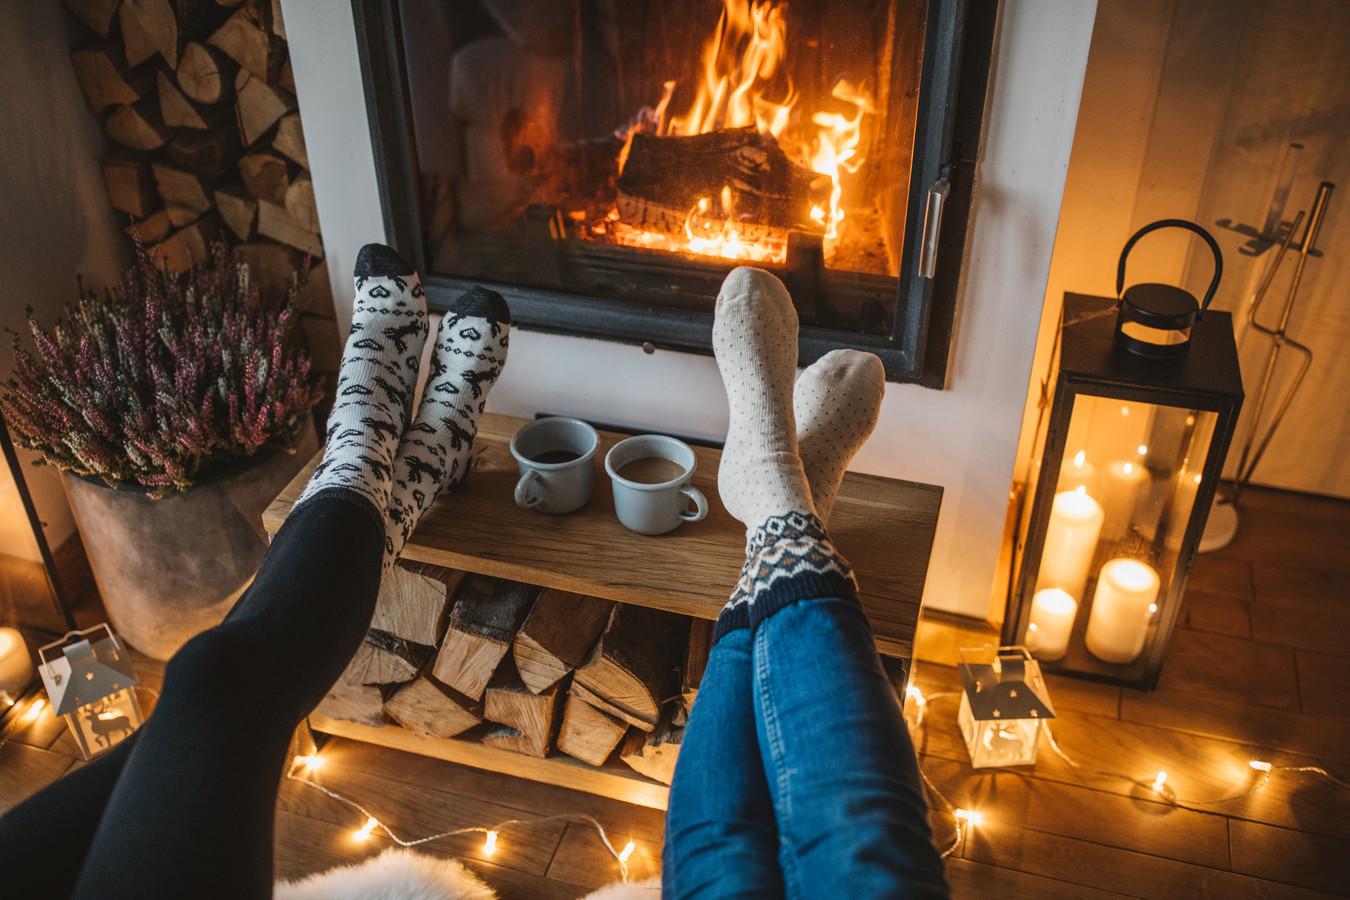 """""""Met een verantwoord gestookt vuur in de kachel voorzien we warme en sfeervolle winterdagen"""", zegt stichting De Groene Stoker."""